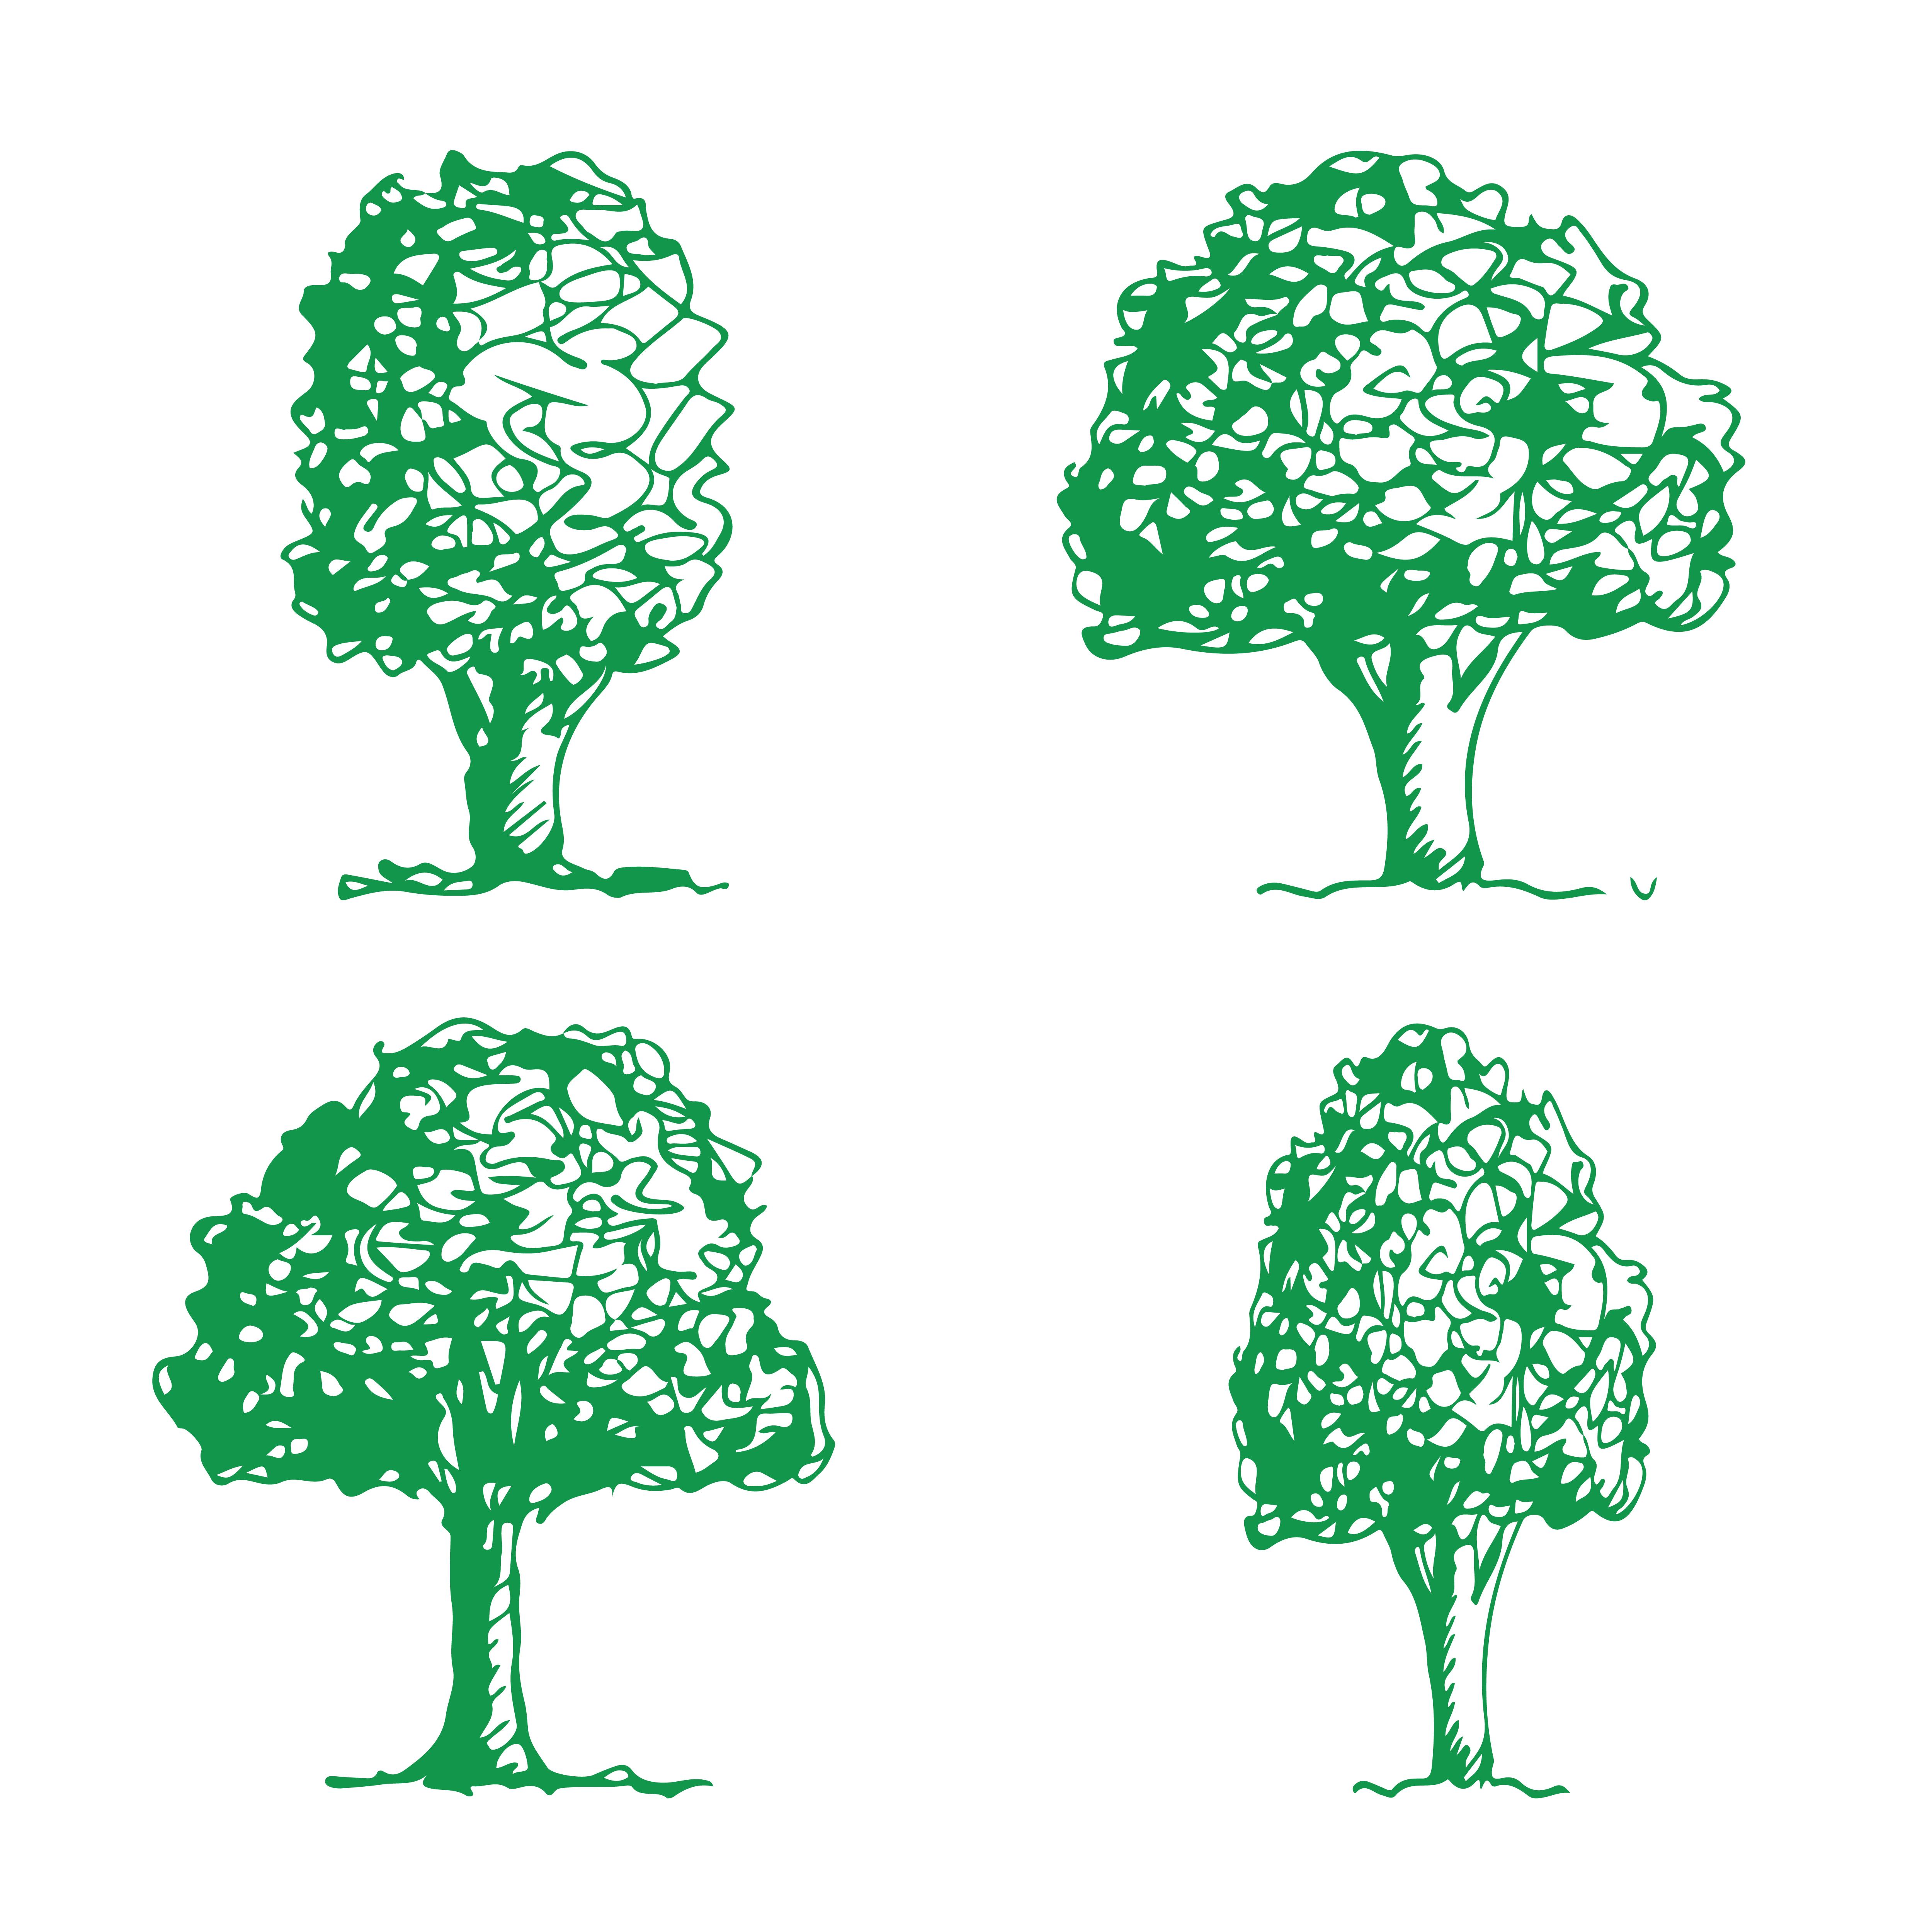 樹手繪 免費下載 | 天天瘋後製